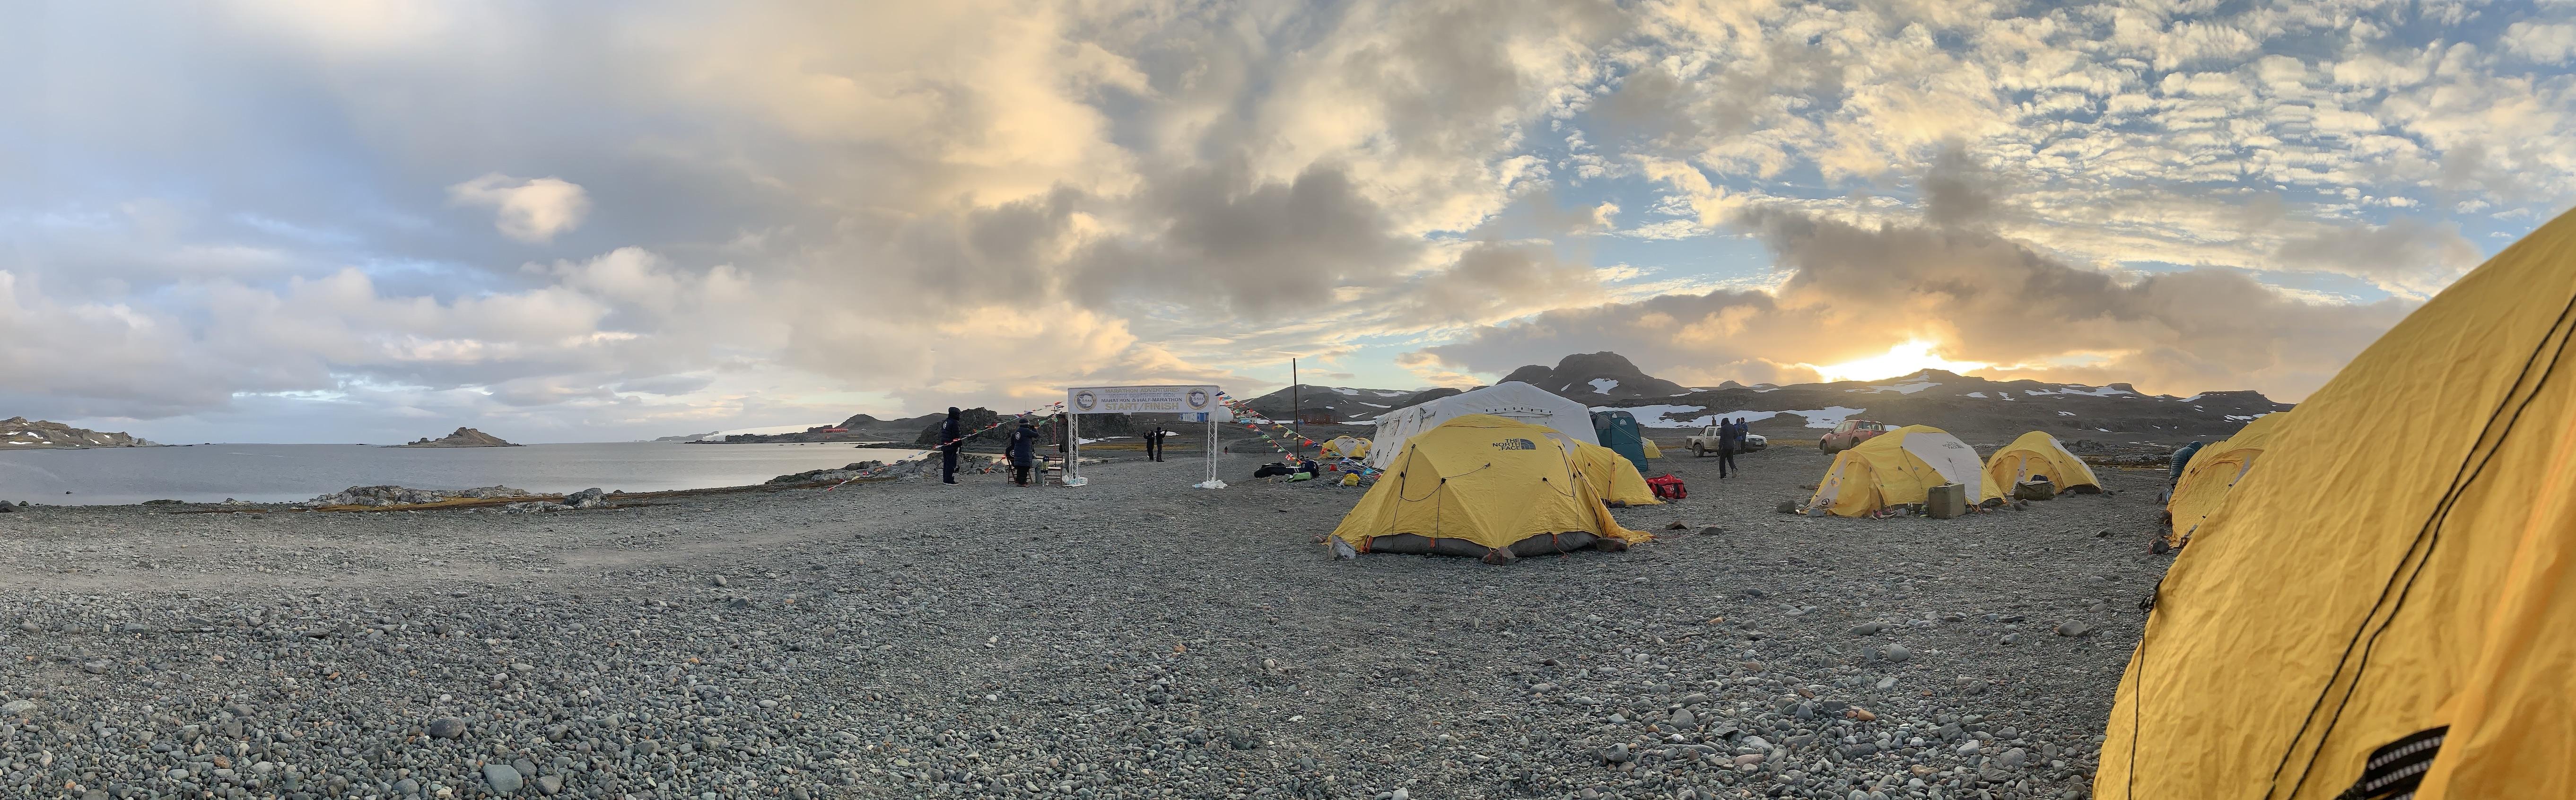 Antarctica marathon tents